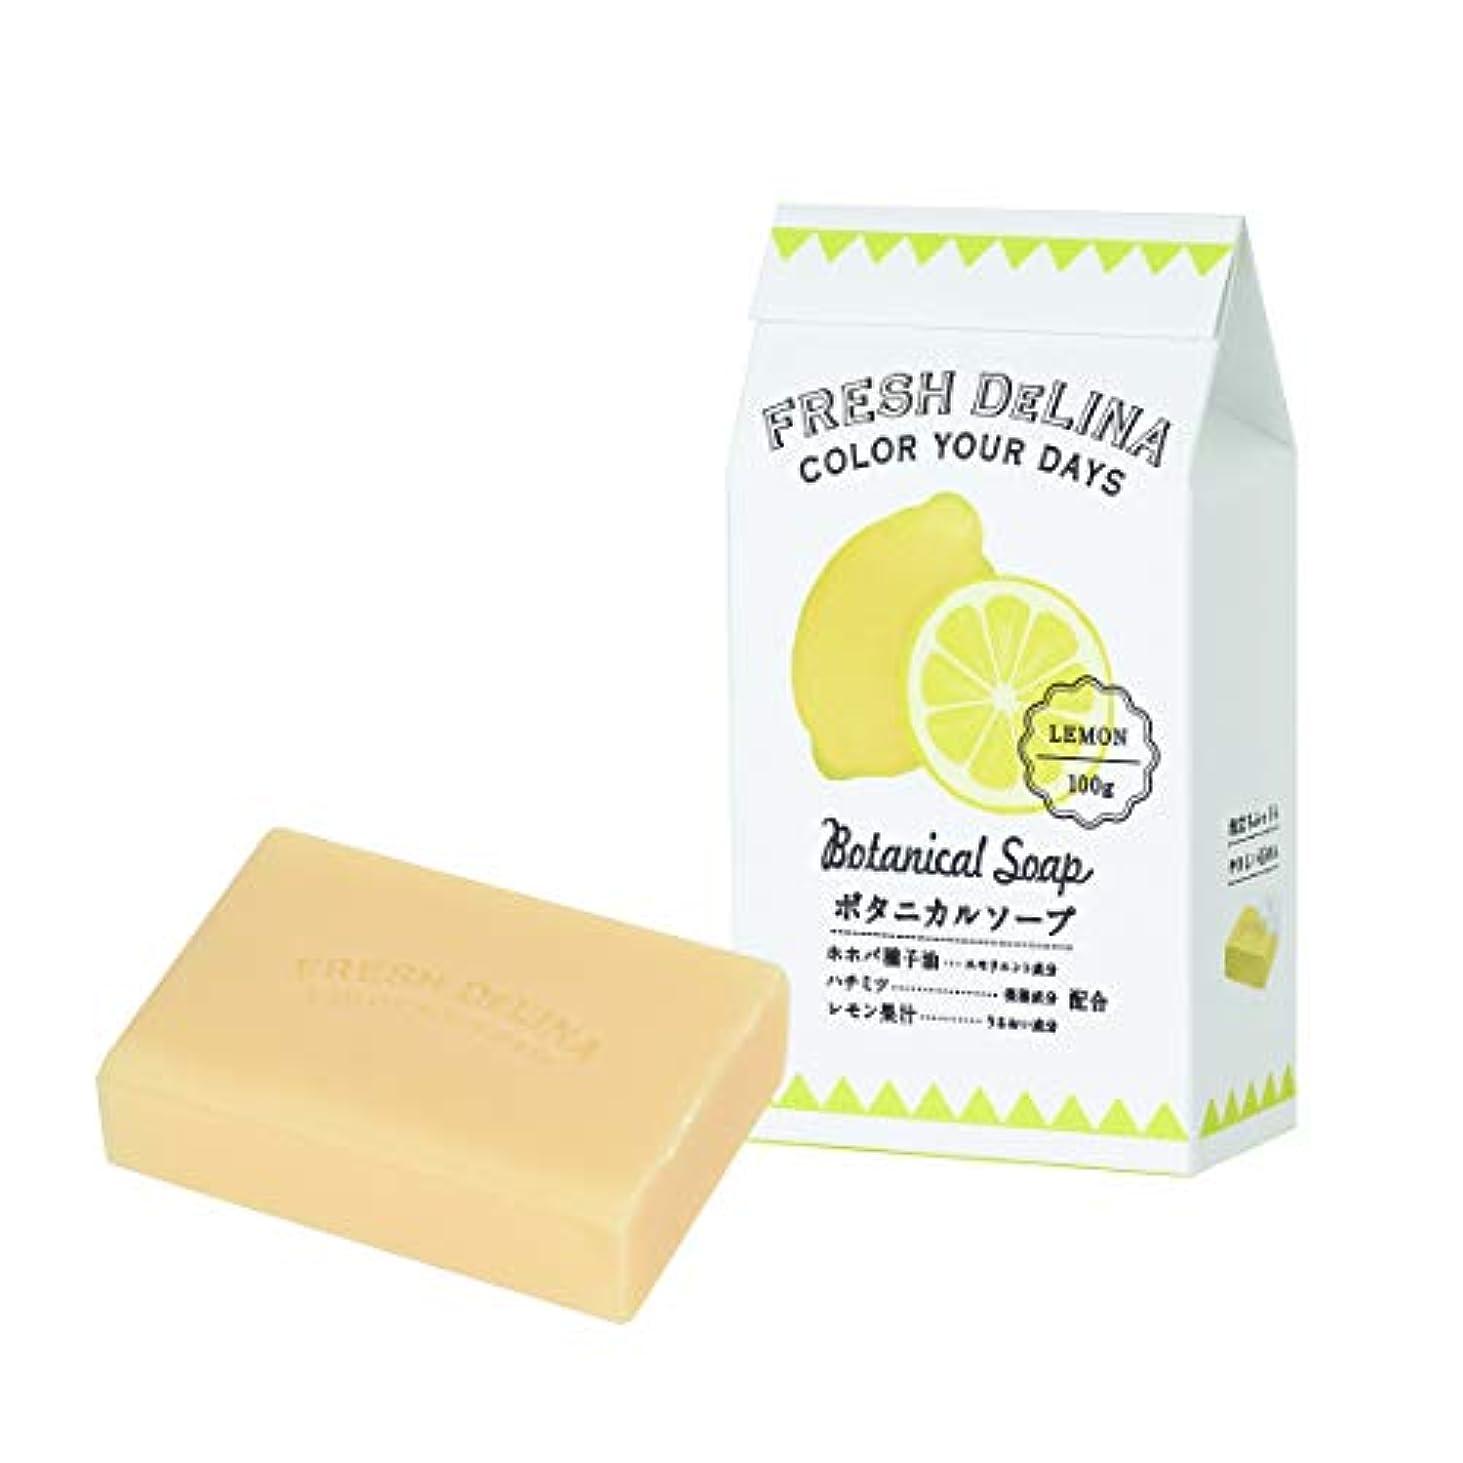 吸収する留まる定常フレッシュデリーナ ボタニカルソープ レモン 100g